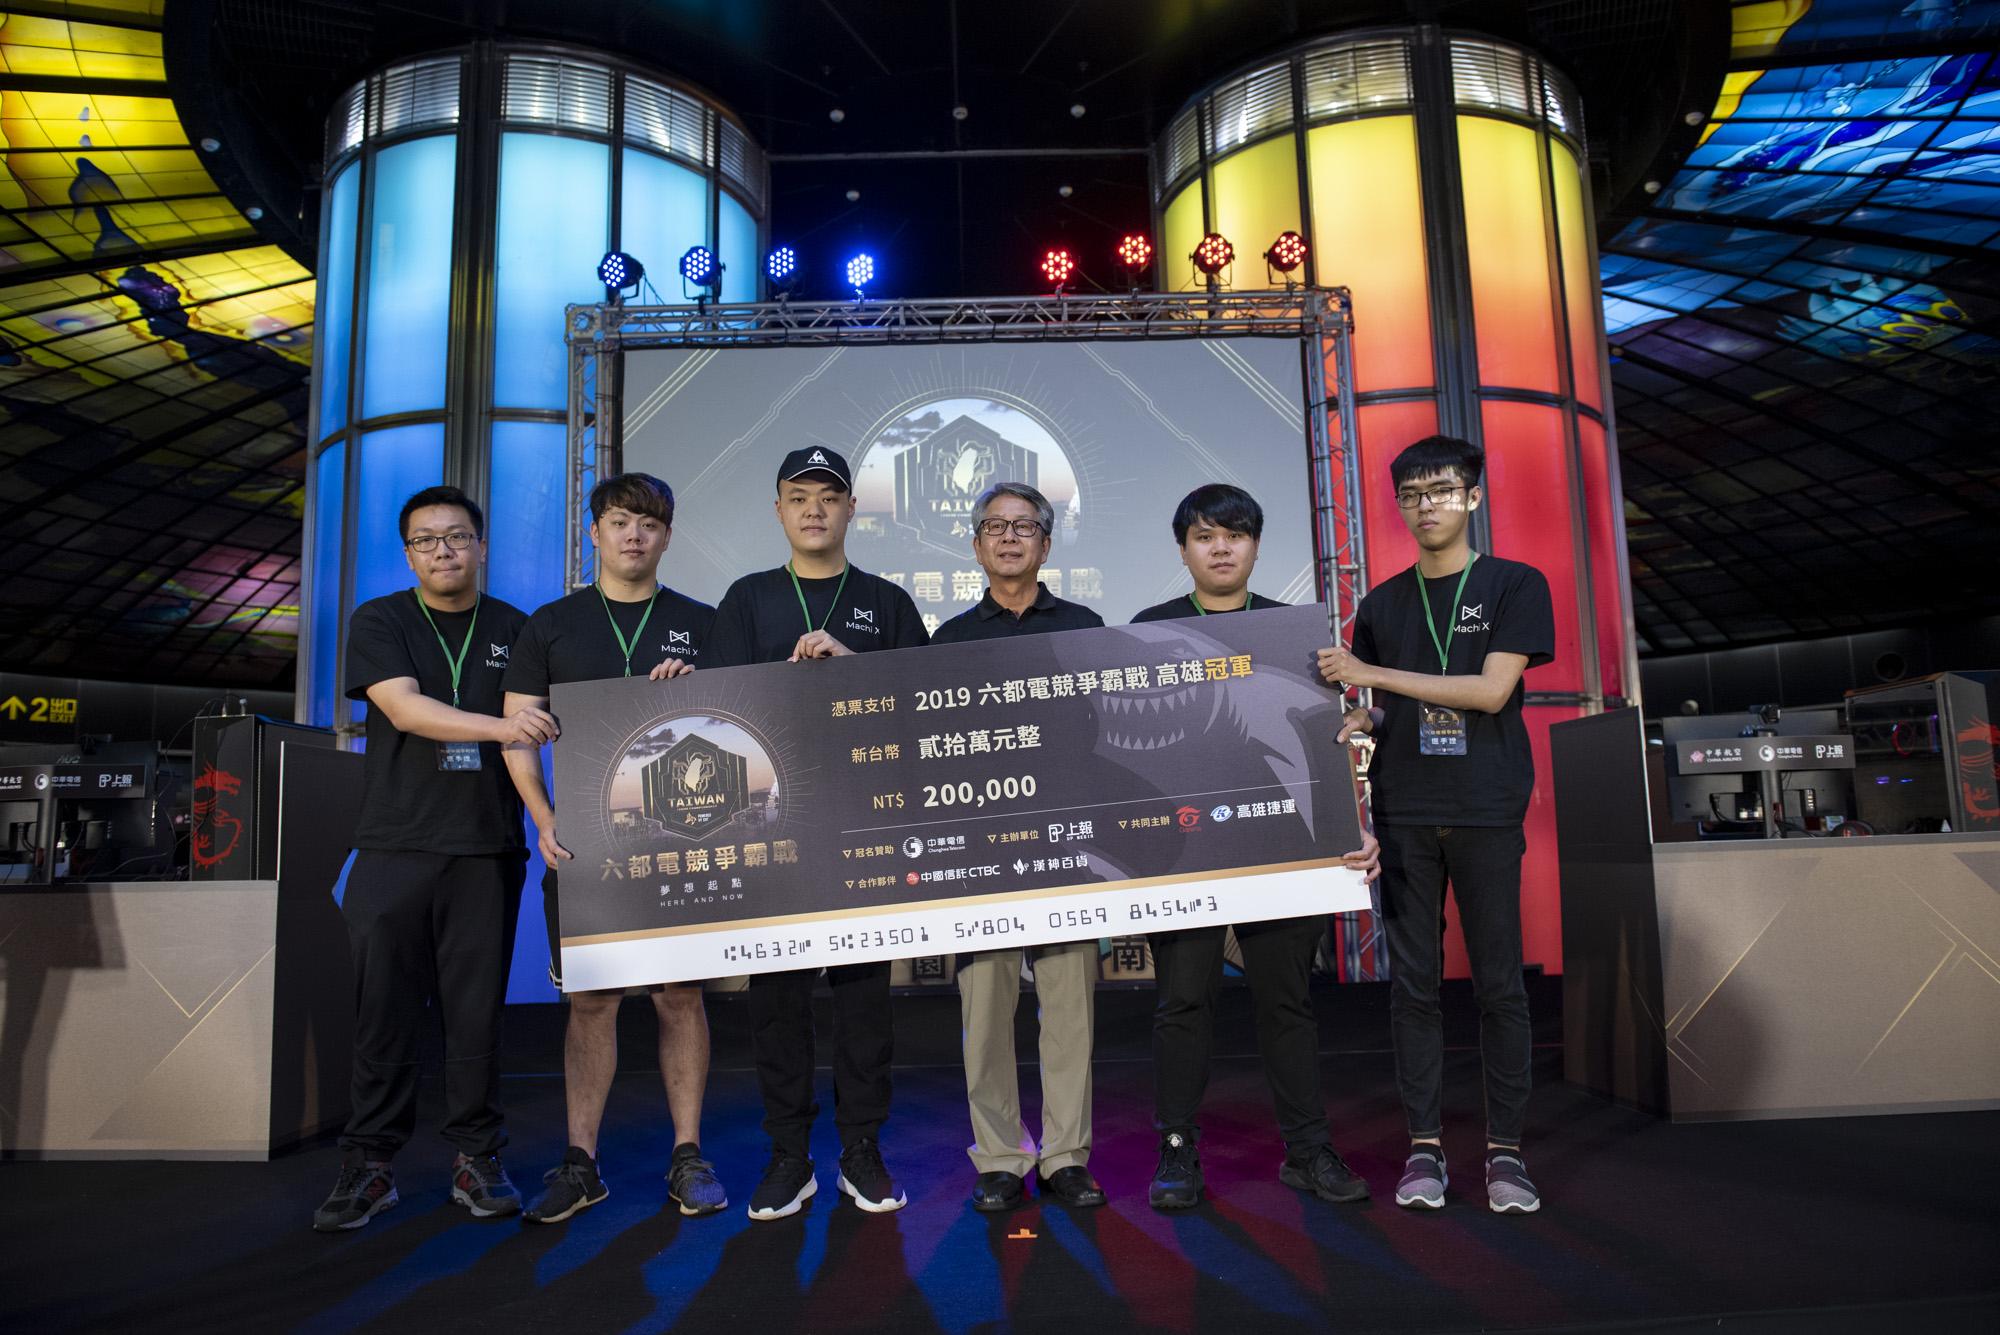 ▲「MachiX」贏得BO5賽事奪得20萬獎金。(攝影:李昆翰)